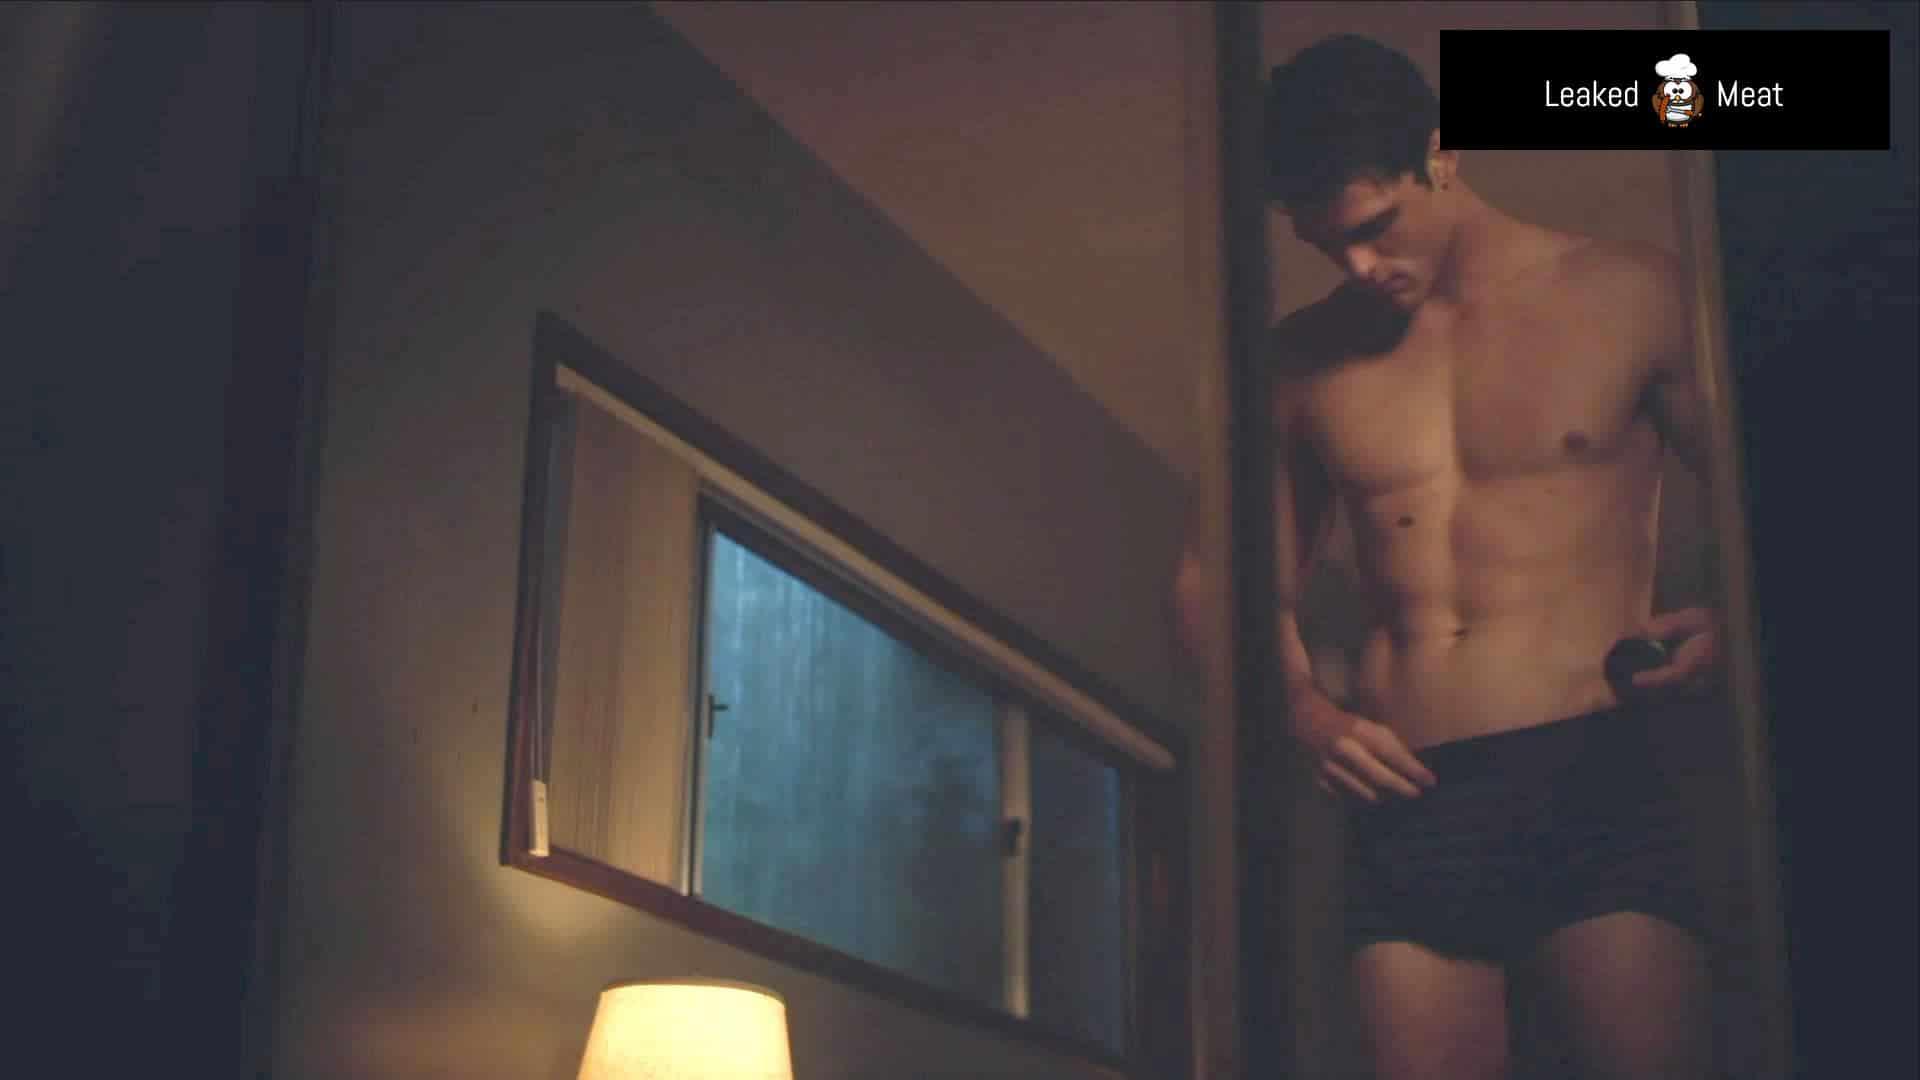 Jacob Elordi bulge | LeakedMeat 14